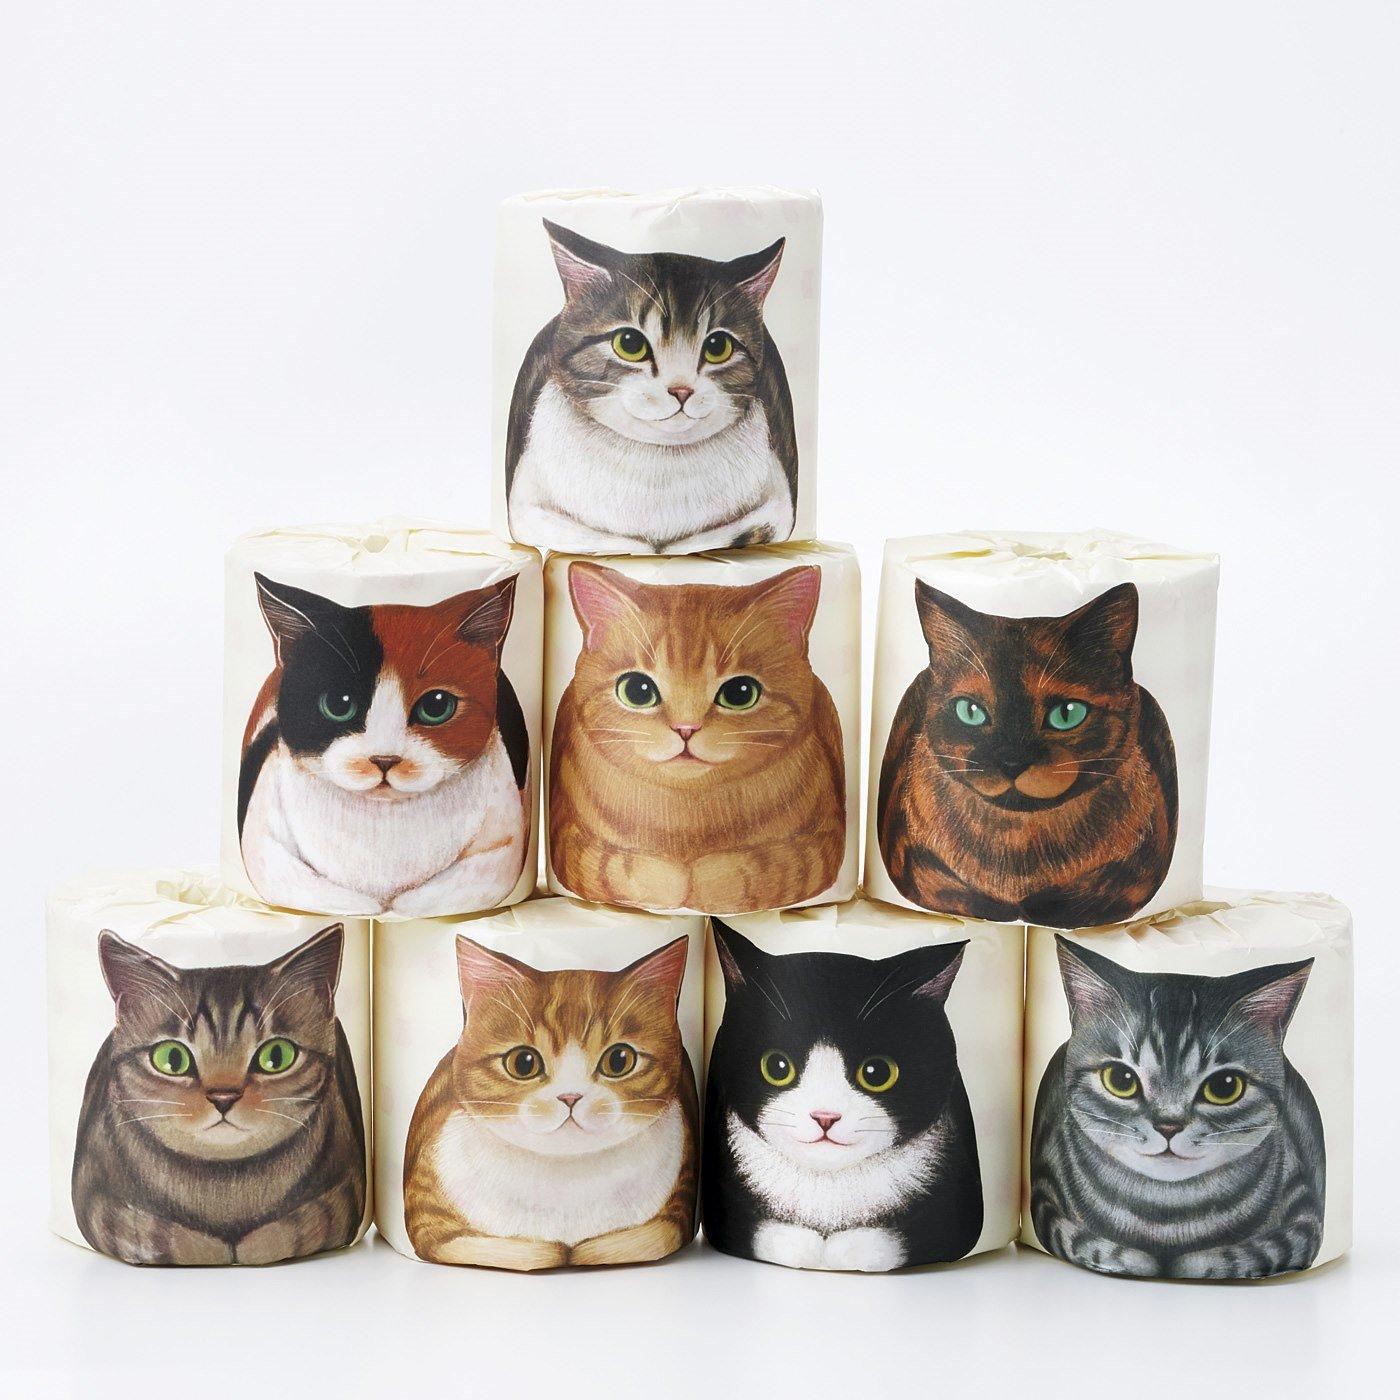 トイレまでおともしますニャ 香箱座り猫ロールペーパーの会